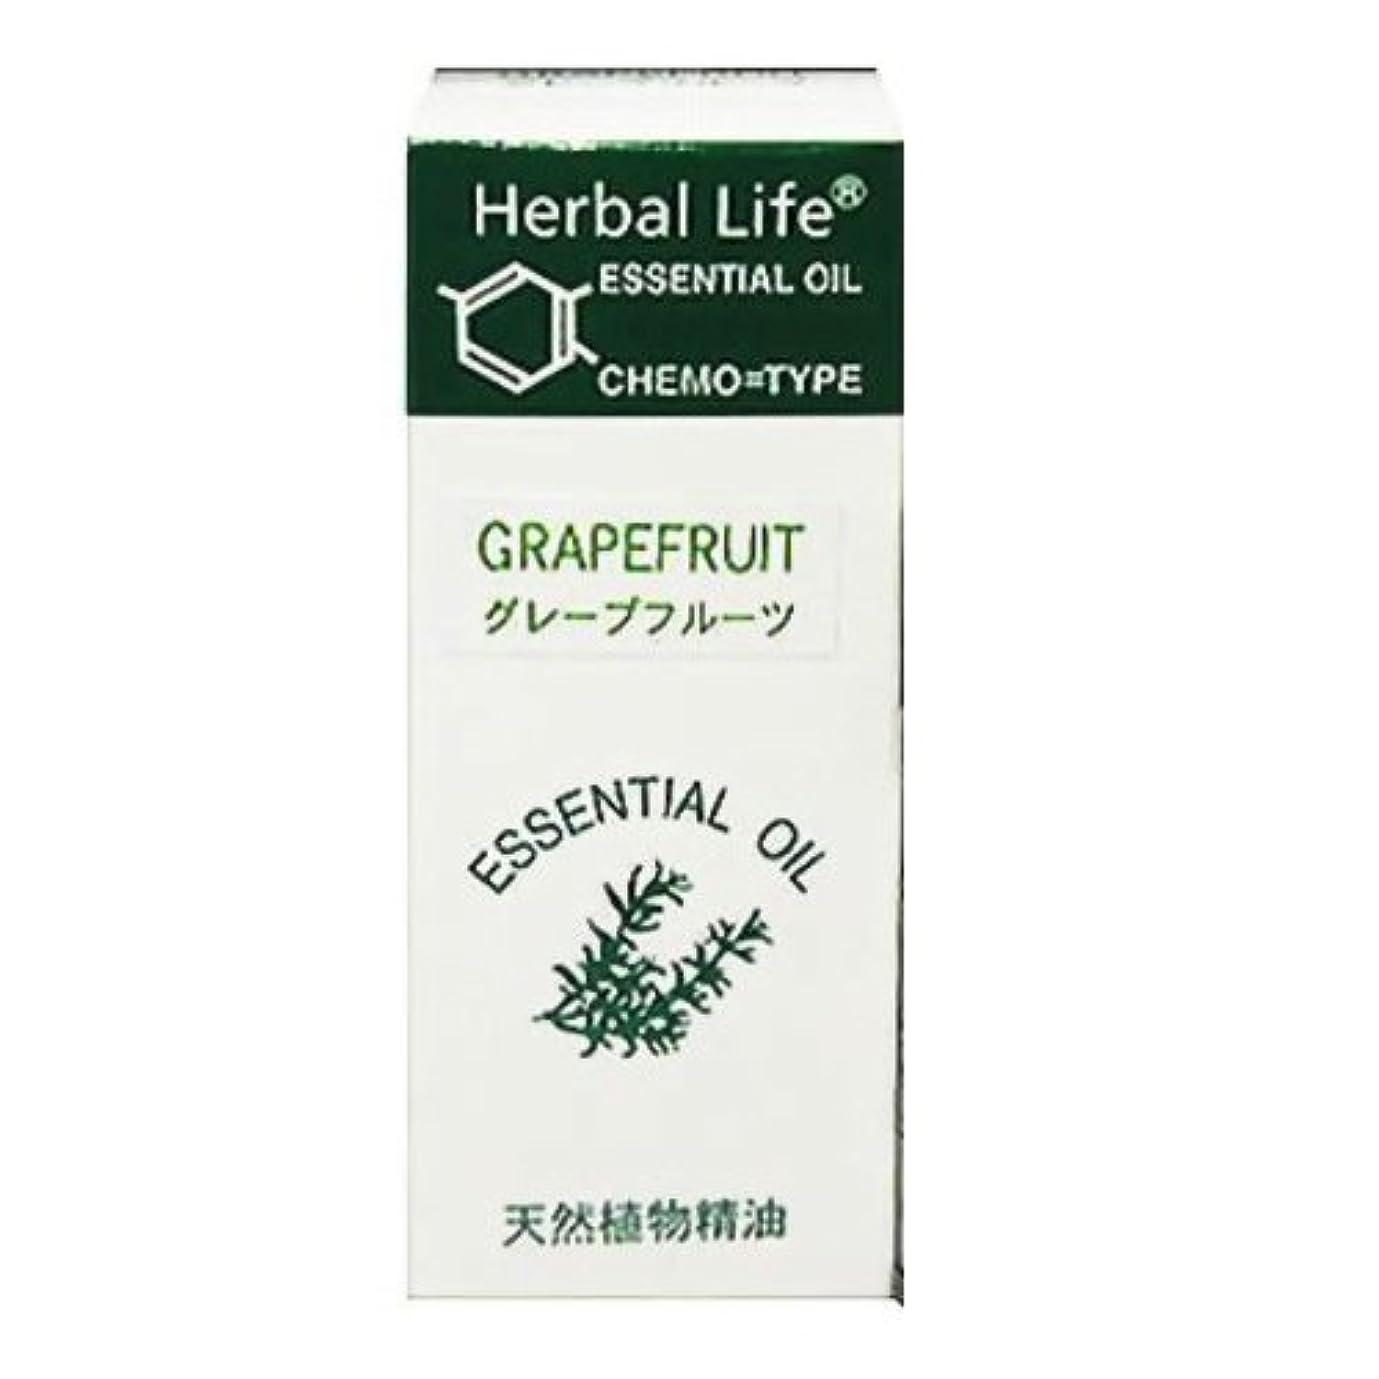 ヒップ良い驚くべき生活の木 エッセンシャルオイル グレープフルーツ 10ml